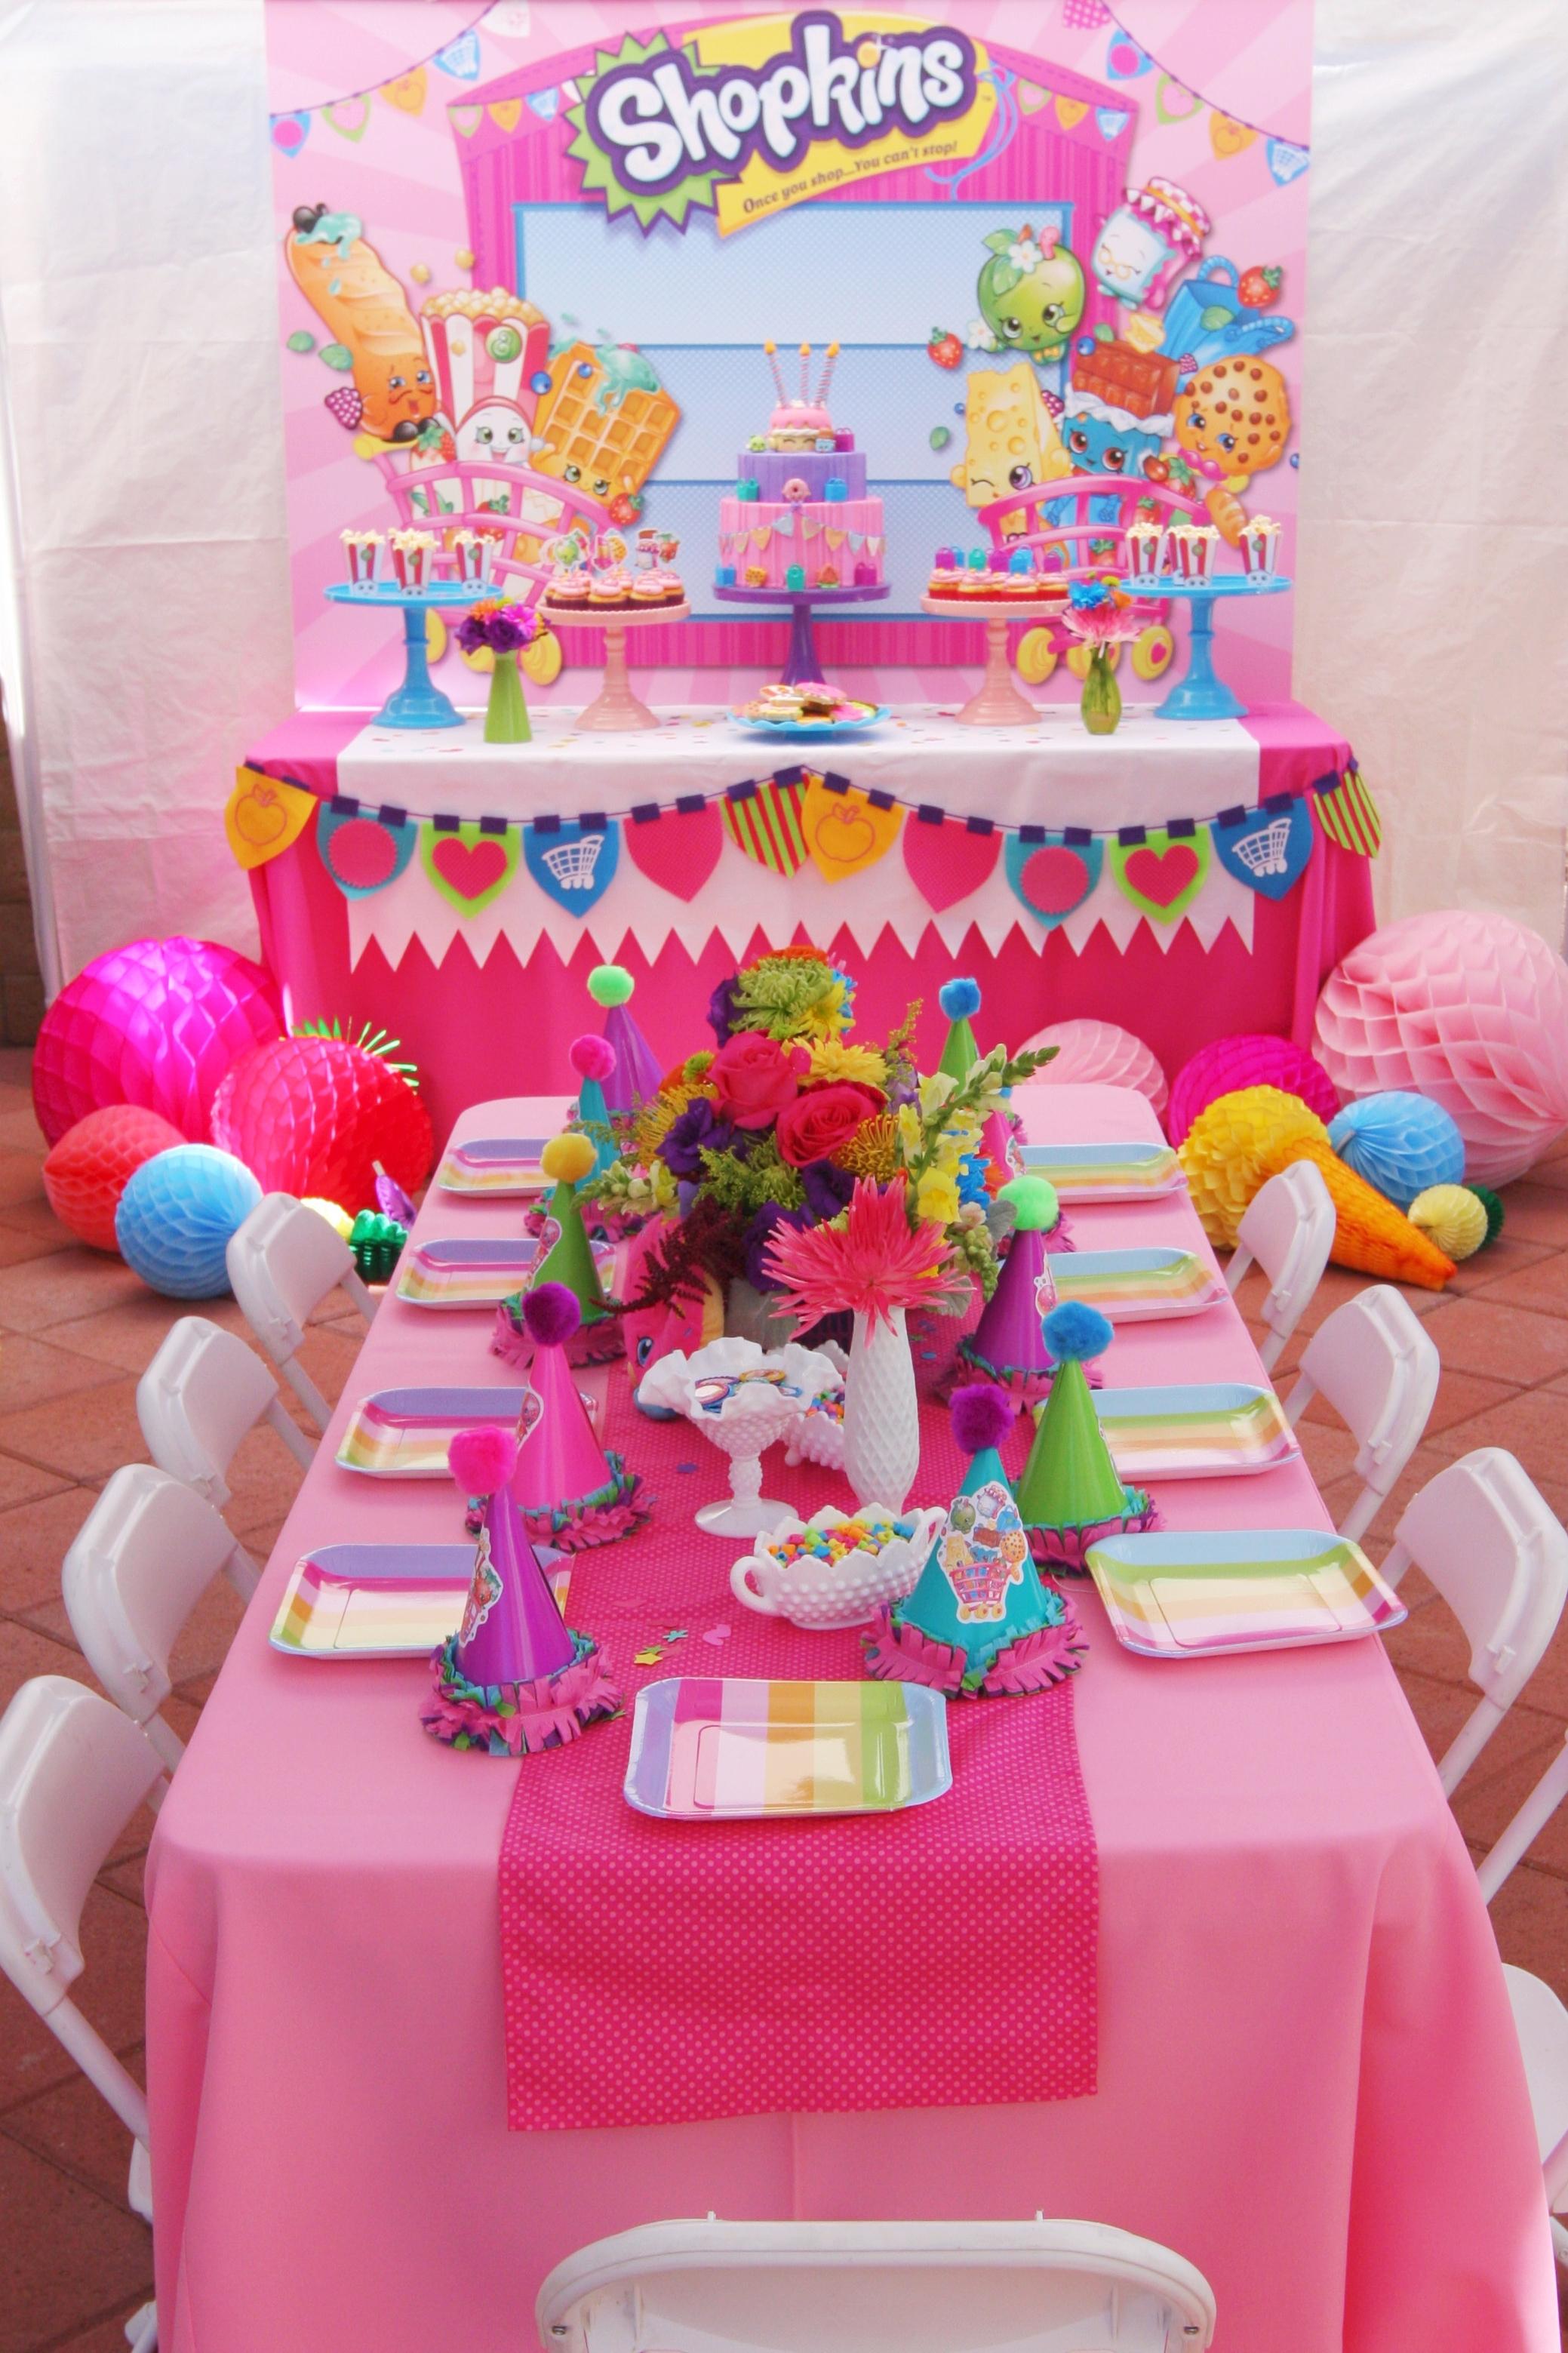 10 Stunning Birthday Ideas For Little Girls %name 2021